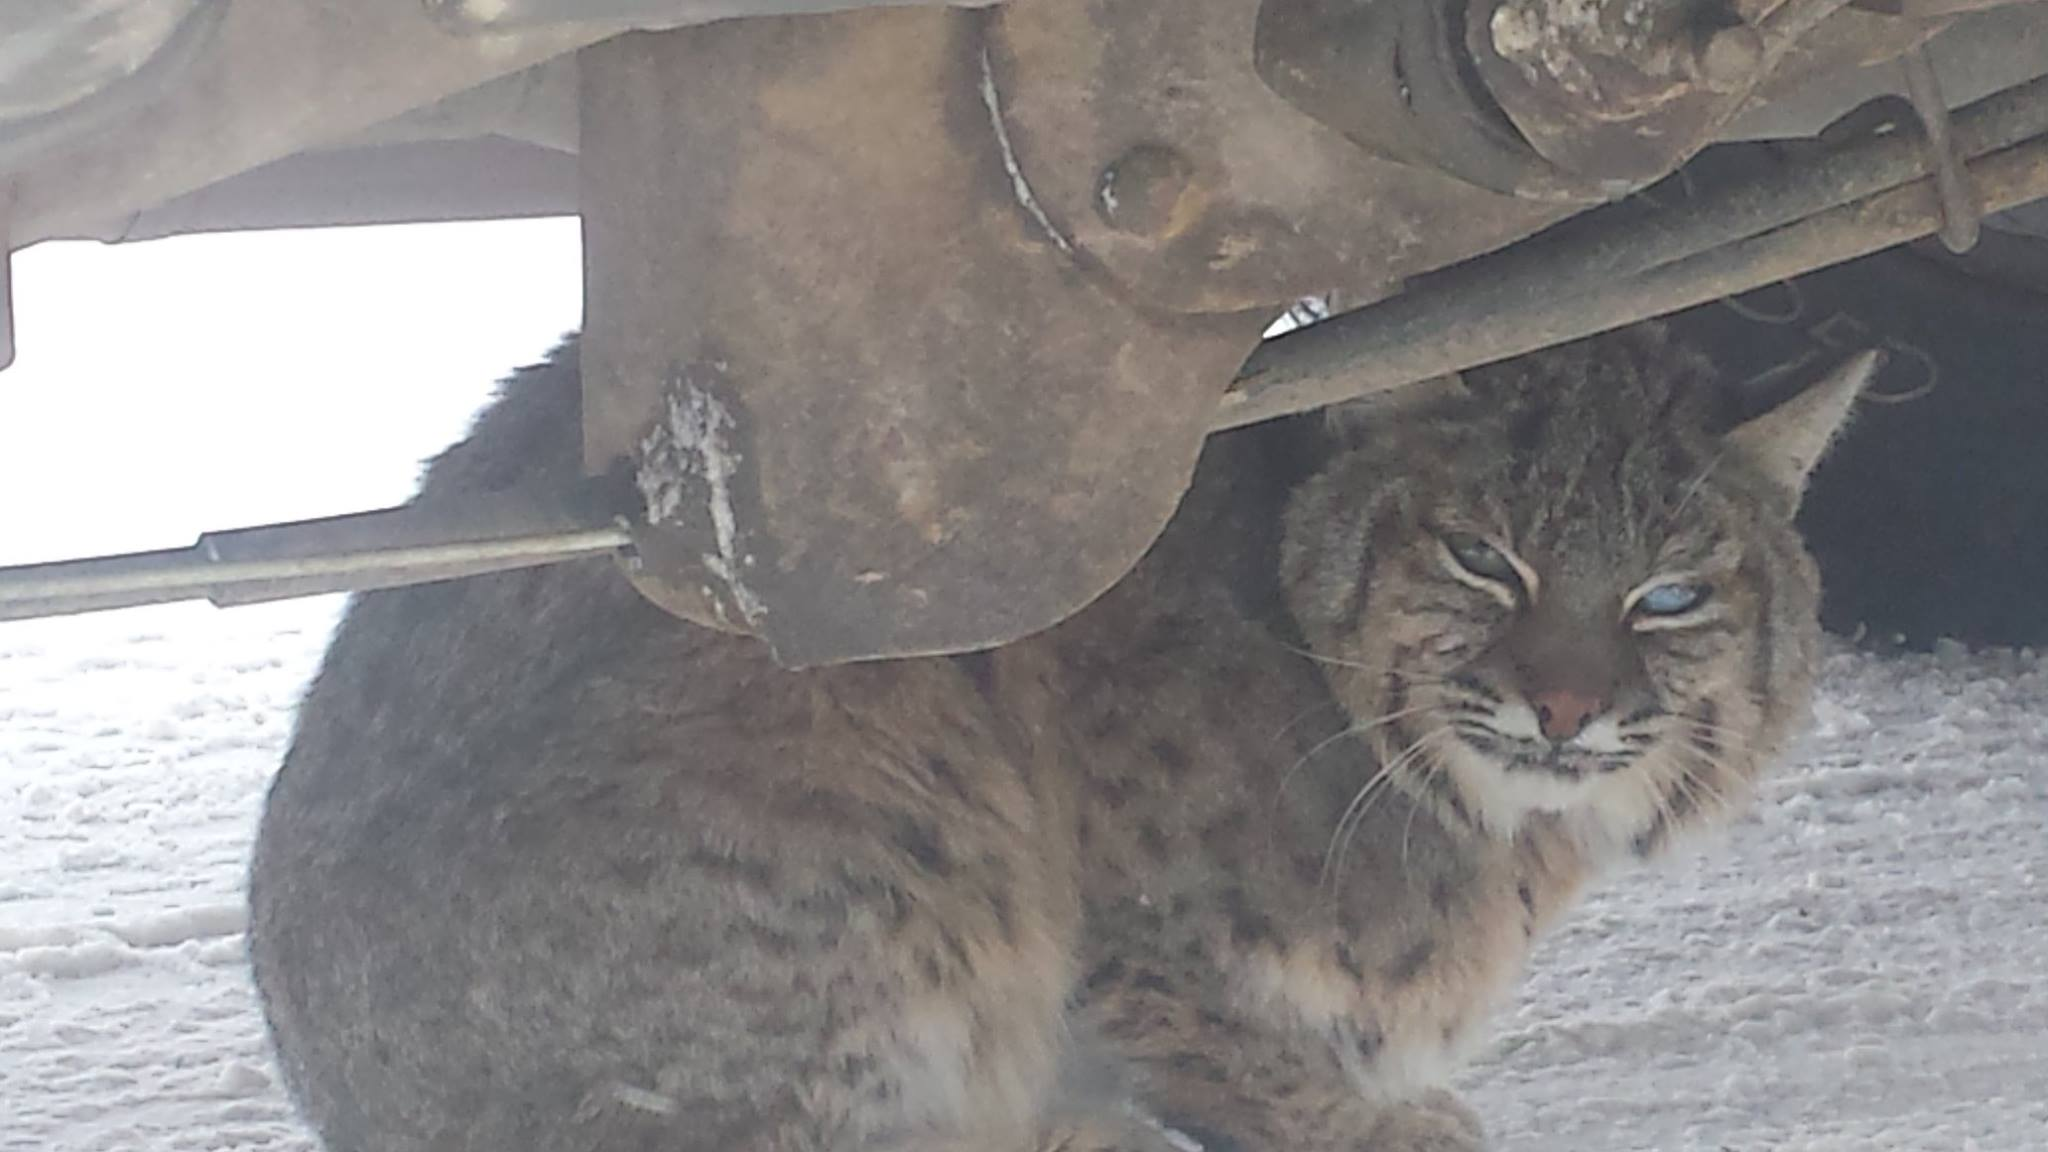 Bobcat Hides Under Truck, Bites Warden in Rescue